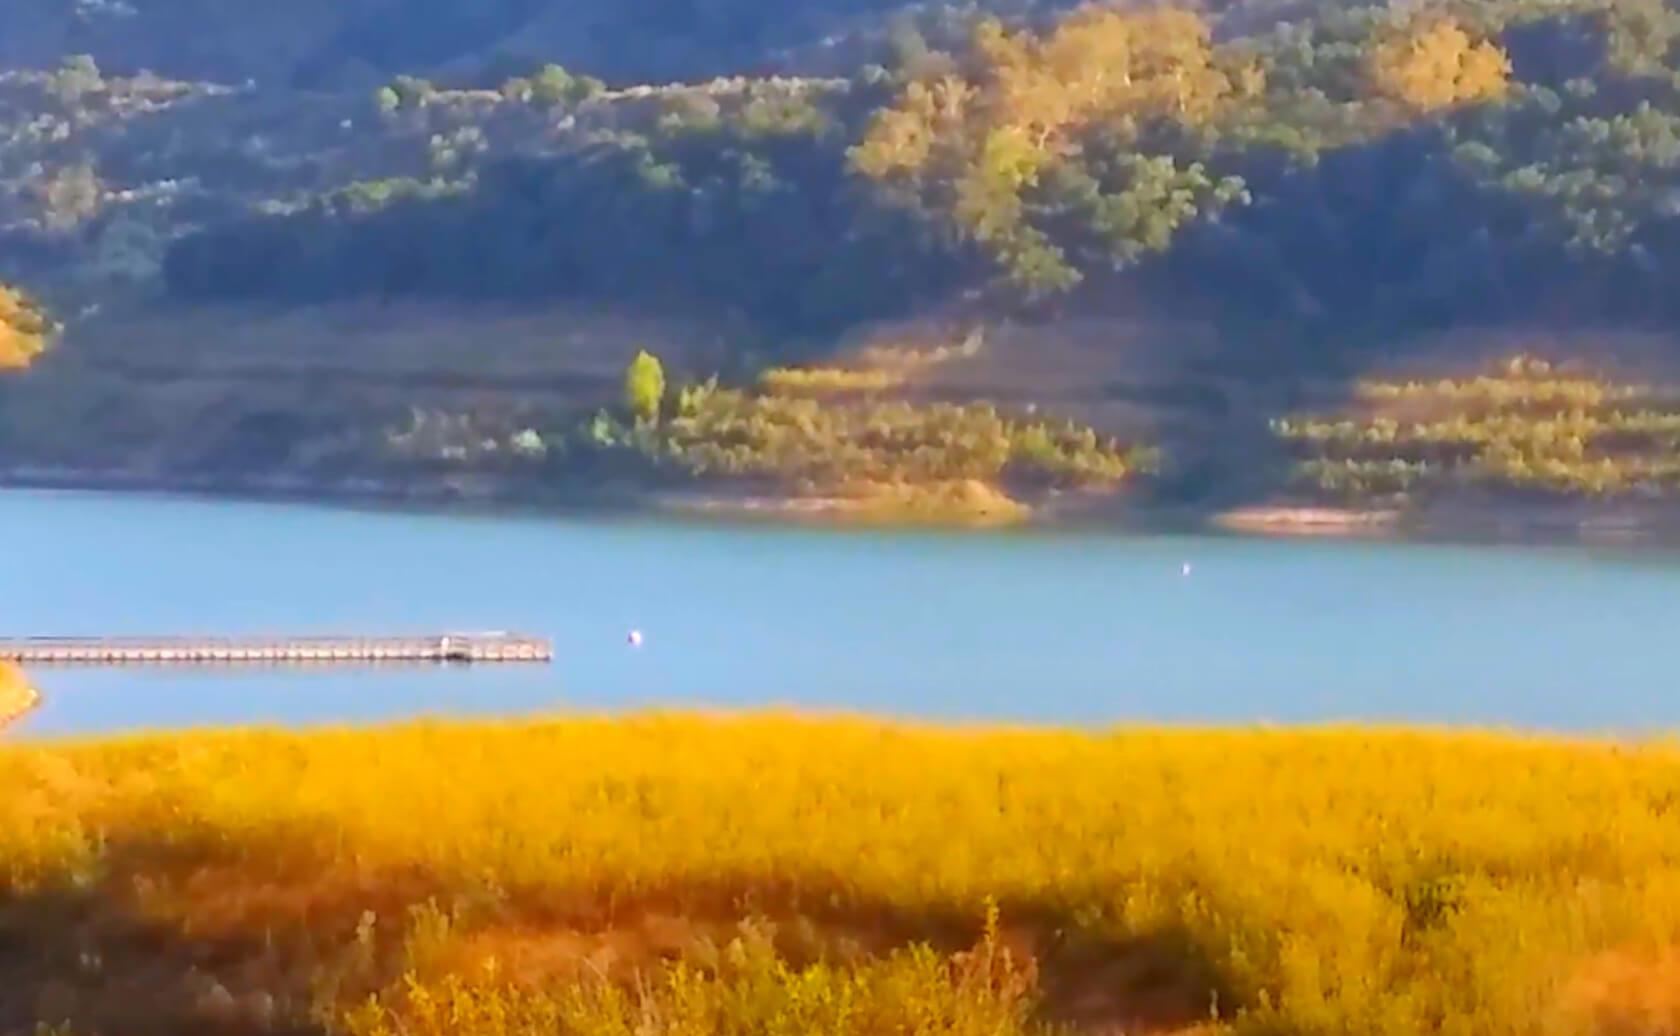 Casitas-Lake-Fishing-Guide-Report-California-02